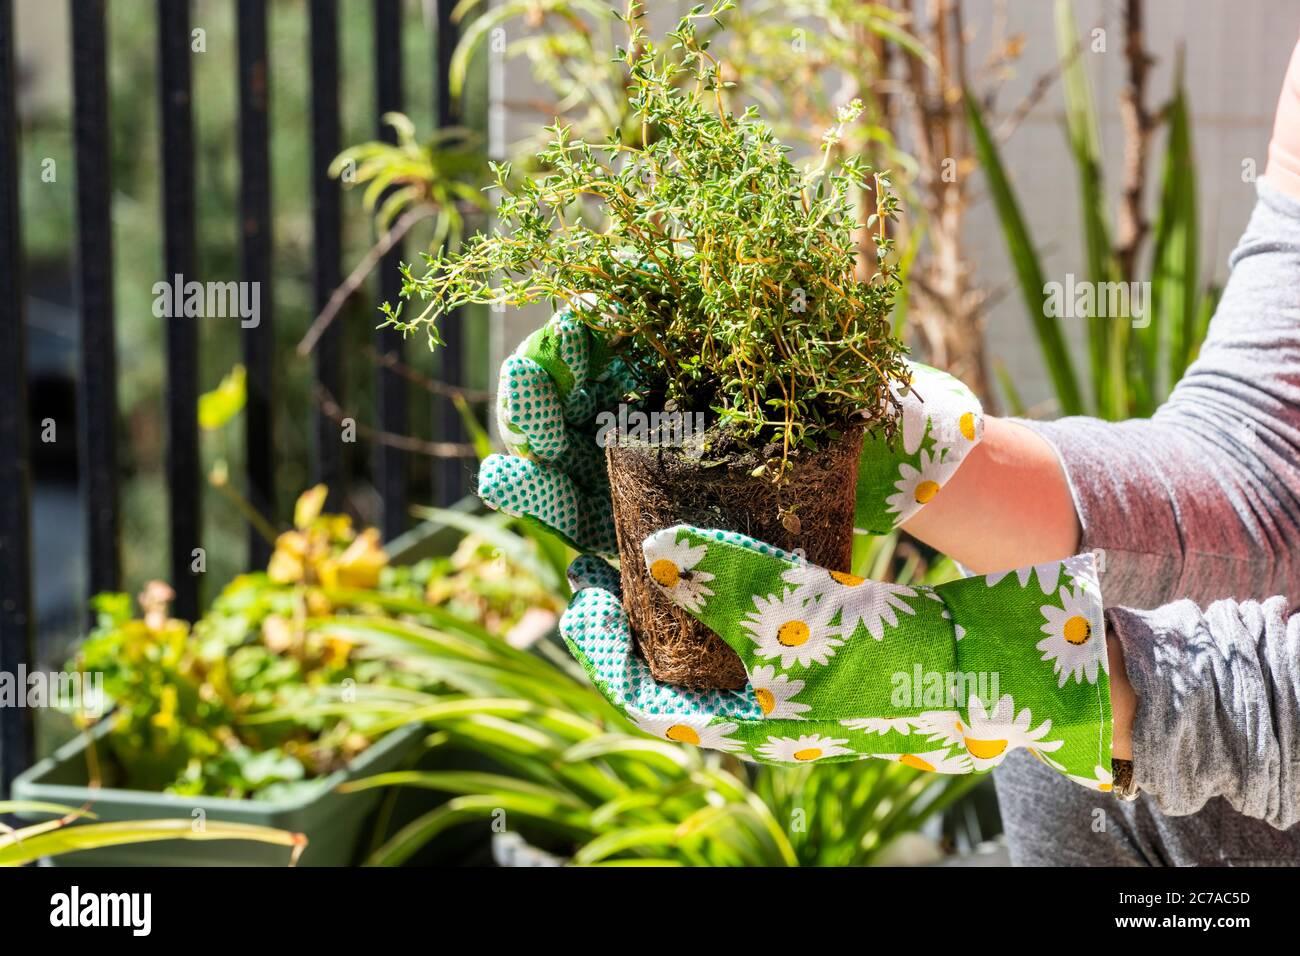 Quarantena soggiorno a Home Concept: Primo piano su una mano aggiungendo terreno ad una pentola di fiori con verdure verdi fresche. Giardinaggio alle erbe presso il balcone della città per conto proprio. Foto Stock